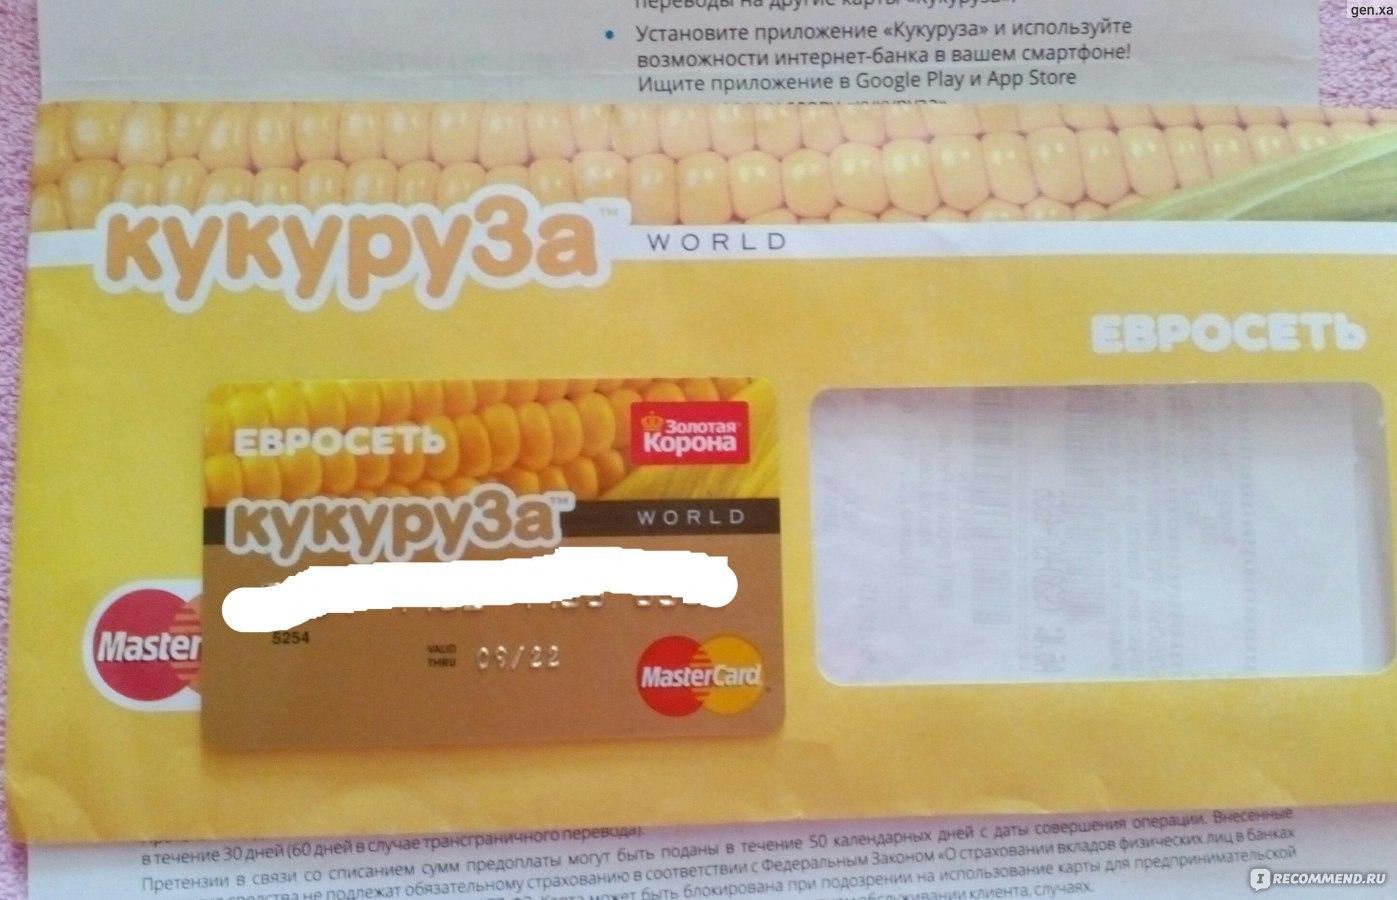 как использовать карту кукуруза Пугачёва любом